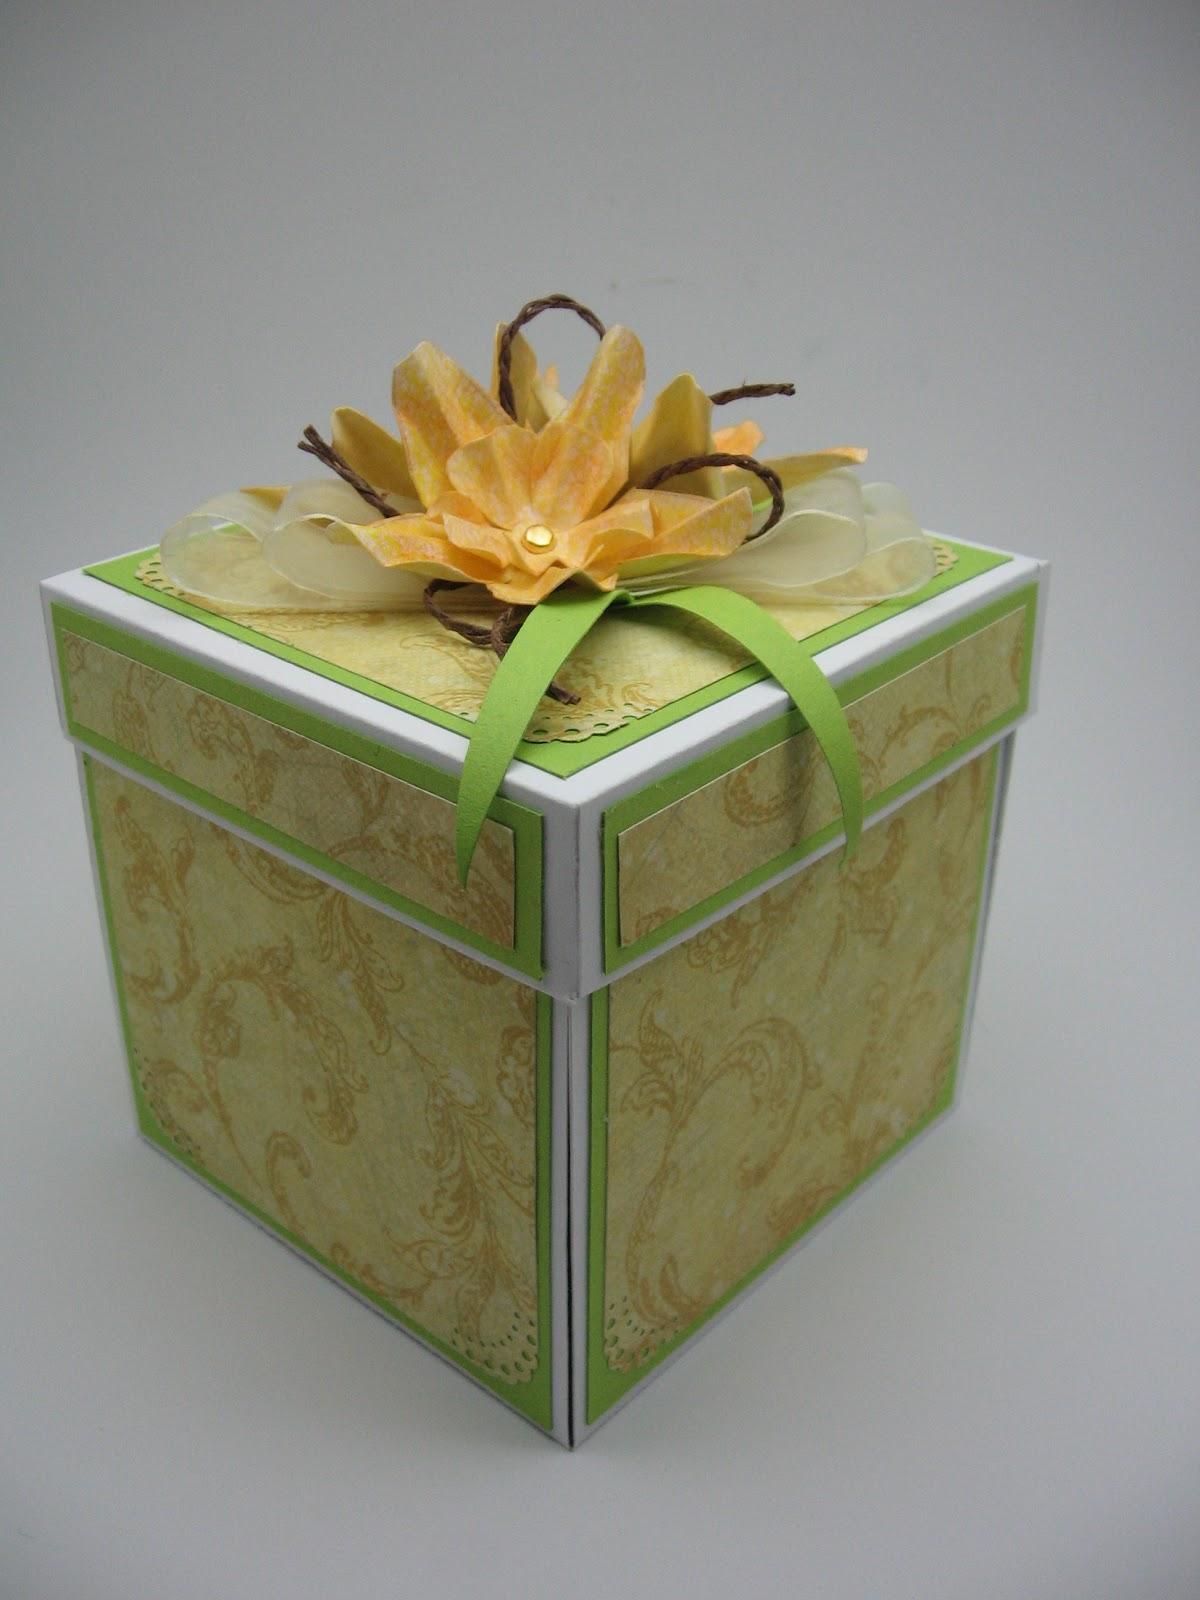 Красивые коробочки для подарков своими руками: идеи, формы, шаблоны 24